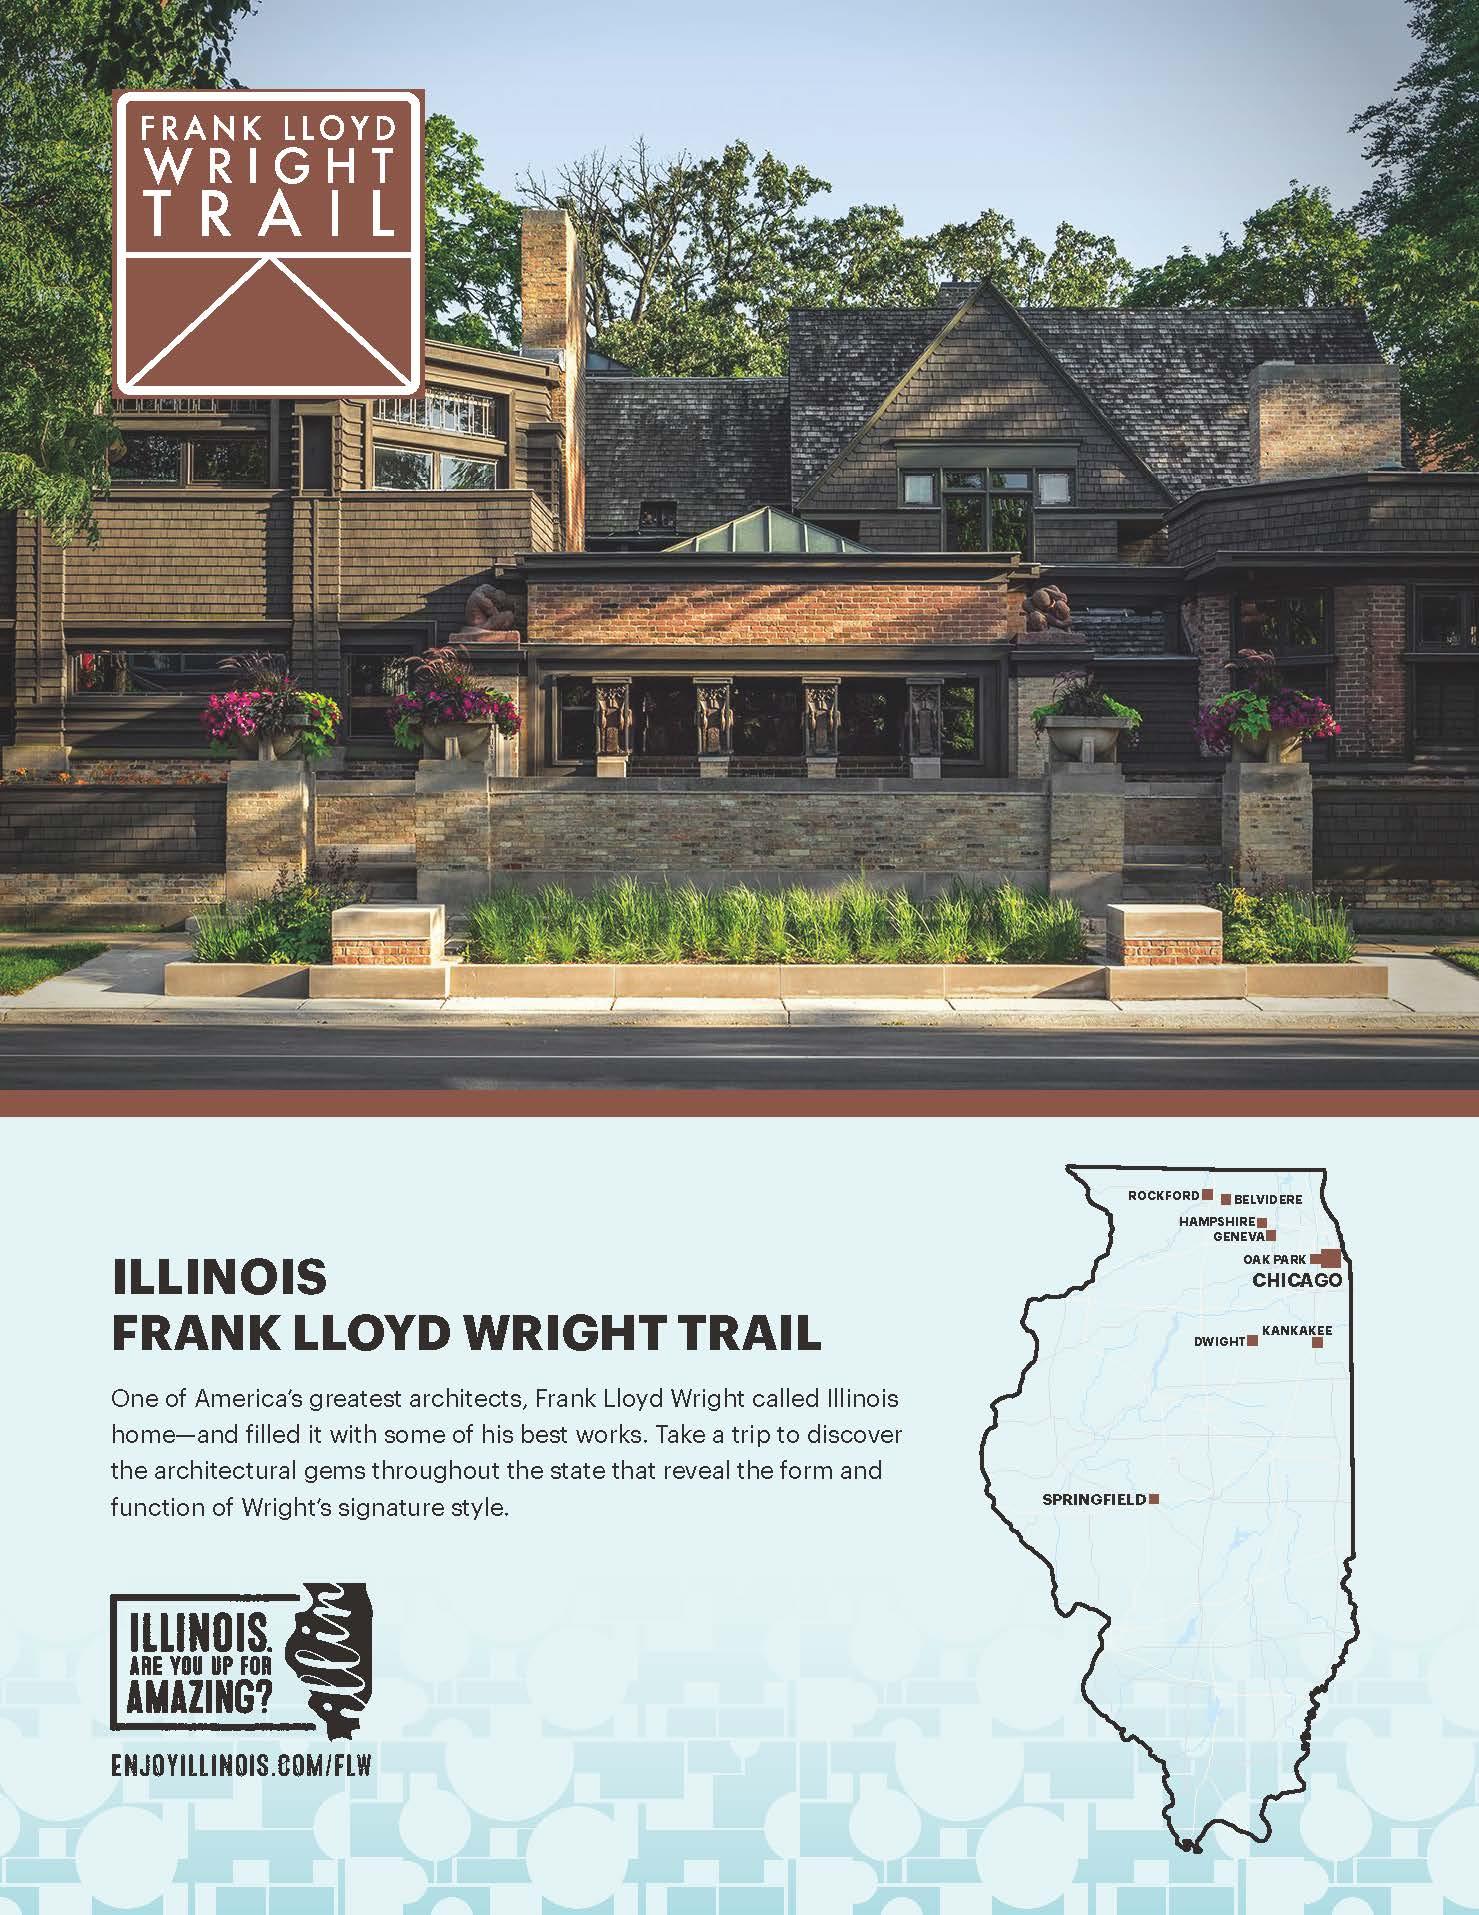 イリノイ州に新観光名所フランク・ロイド・ライト・トレイル登場